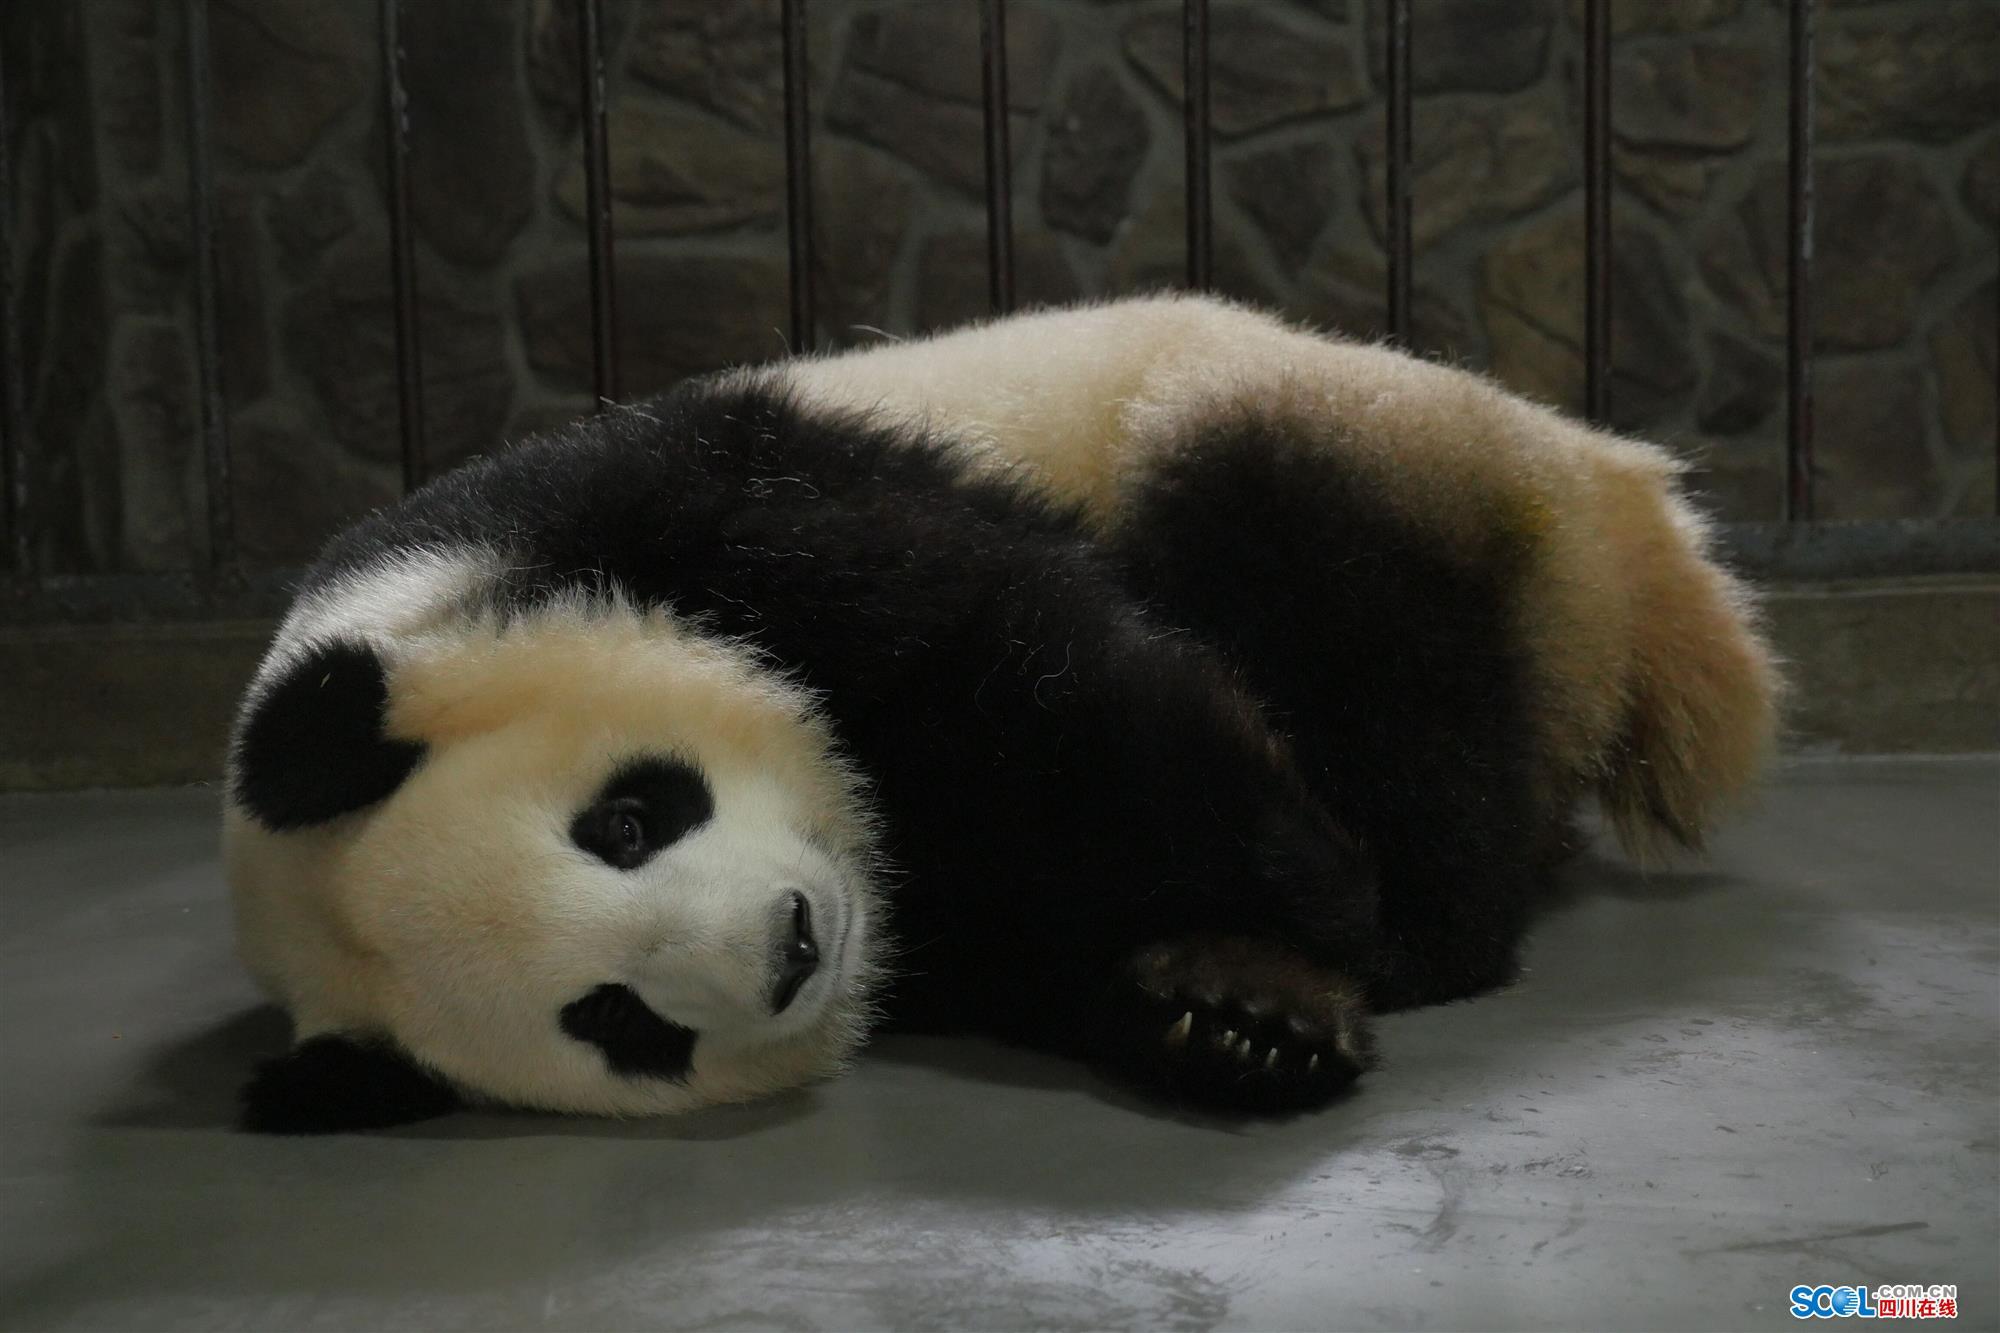 那只看爱情动作片的大熊猫 又收获爱情结晶啦!